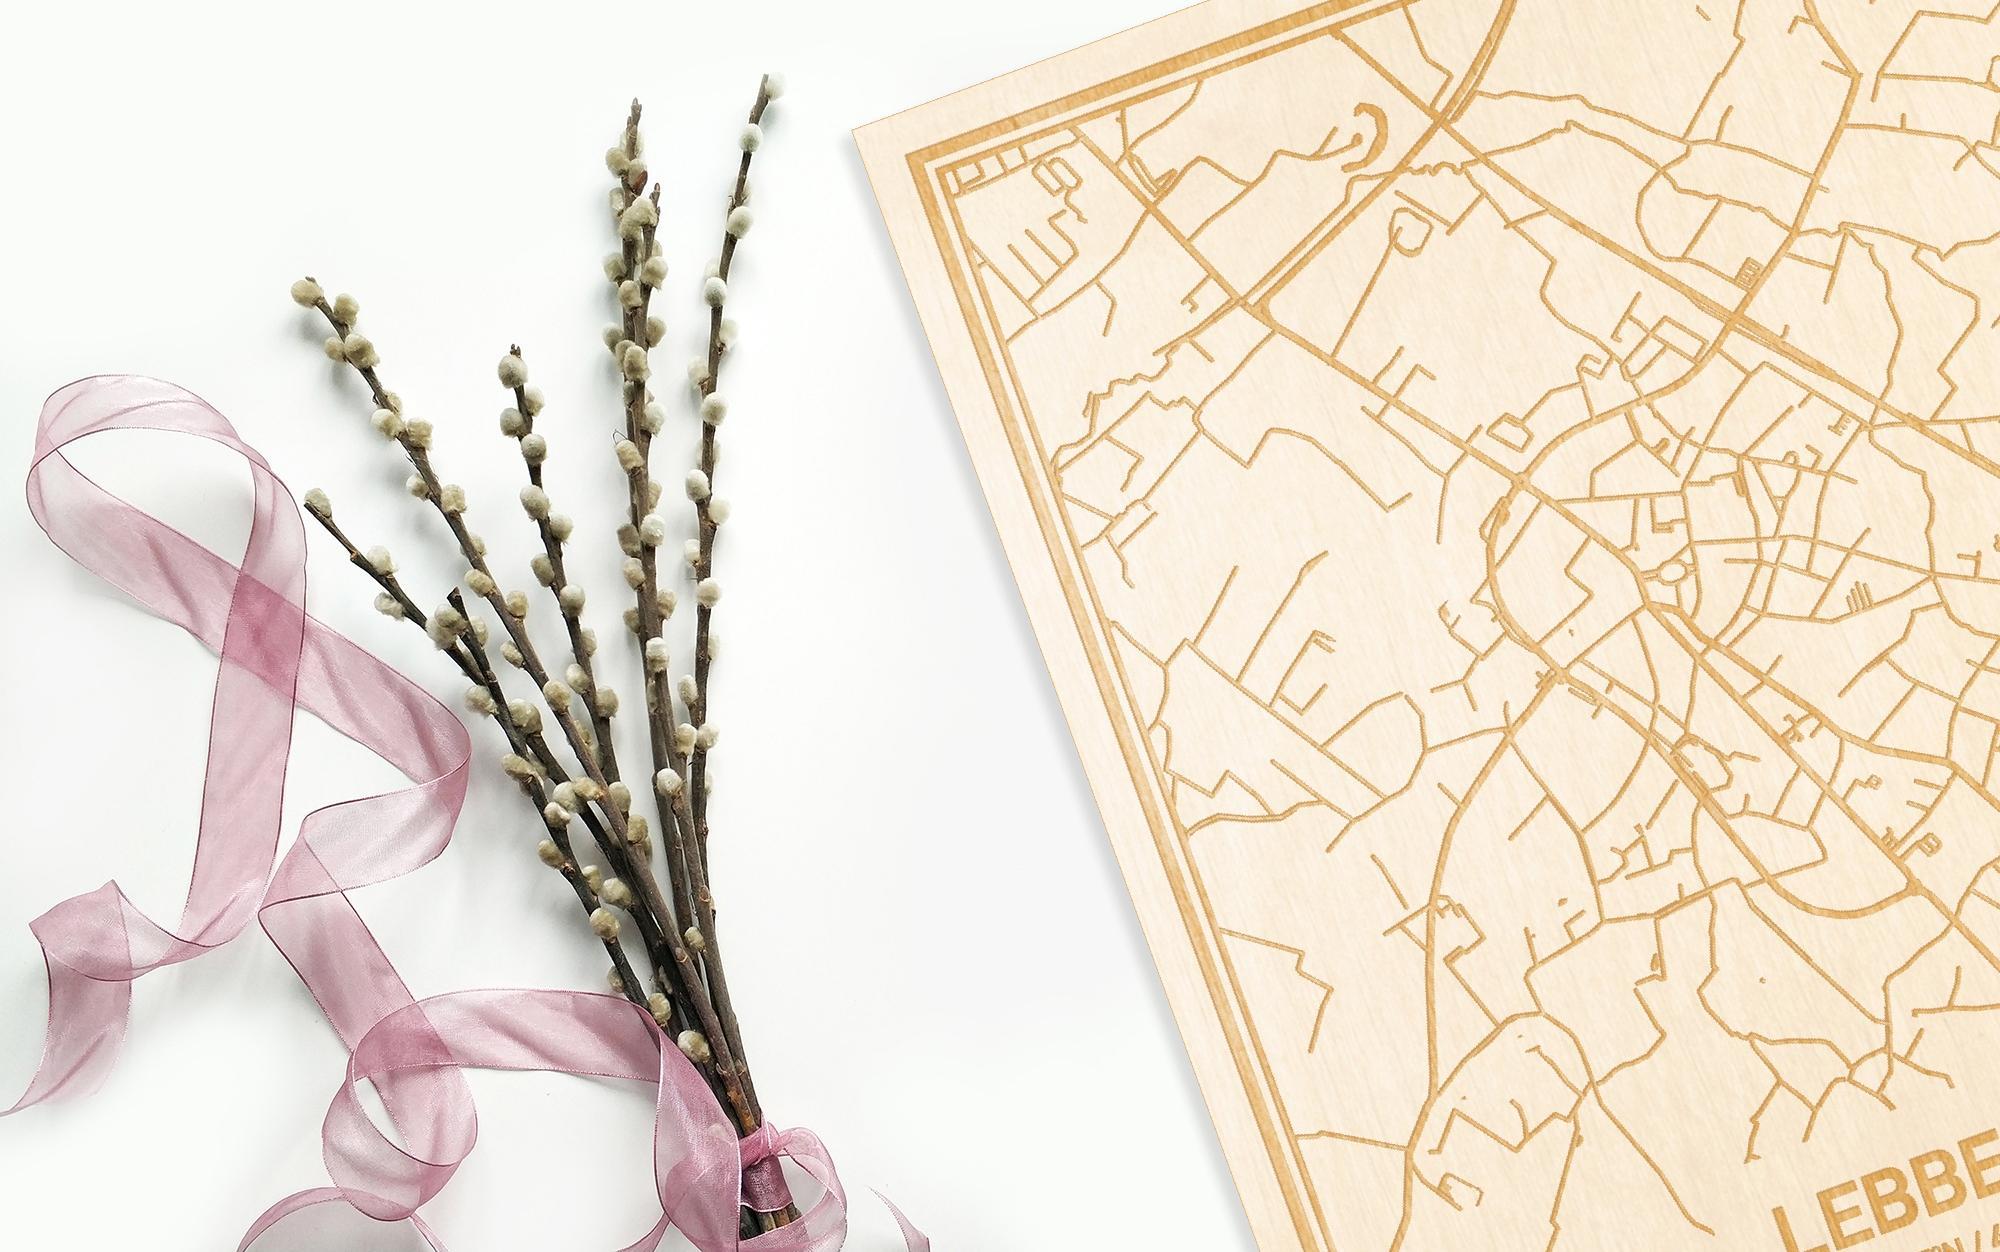 Hier ligt de houten plattegrond Lebbeke naast een bloemetje als gepersonaliseerd cadeau voor haar.